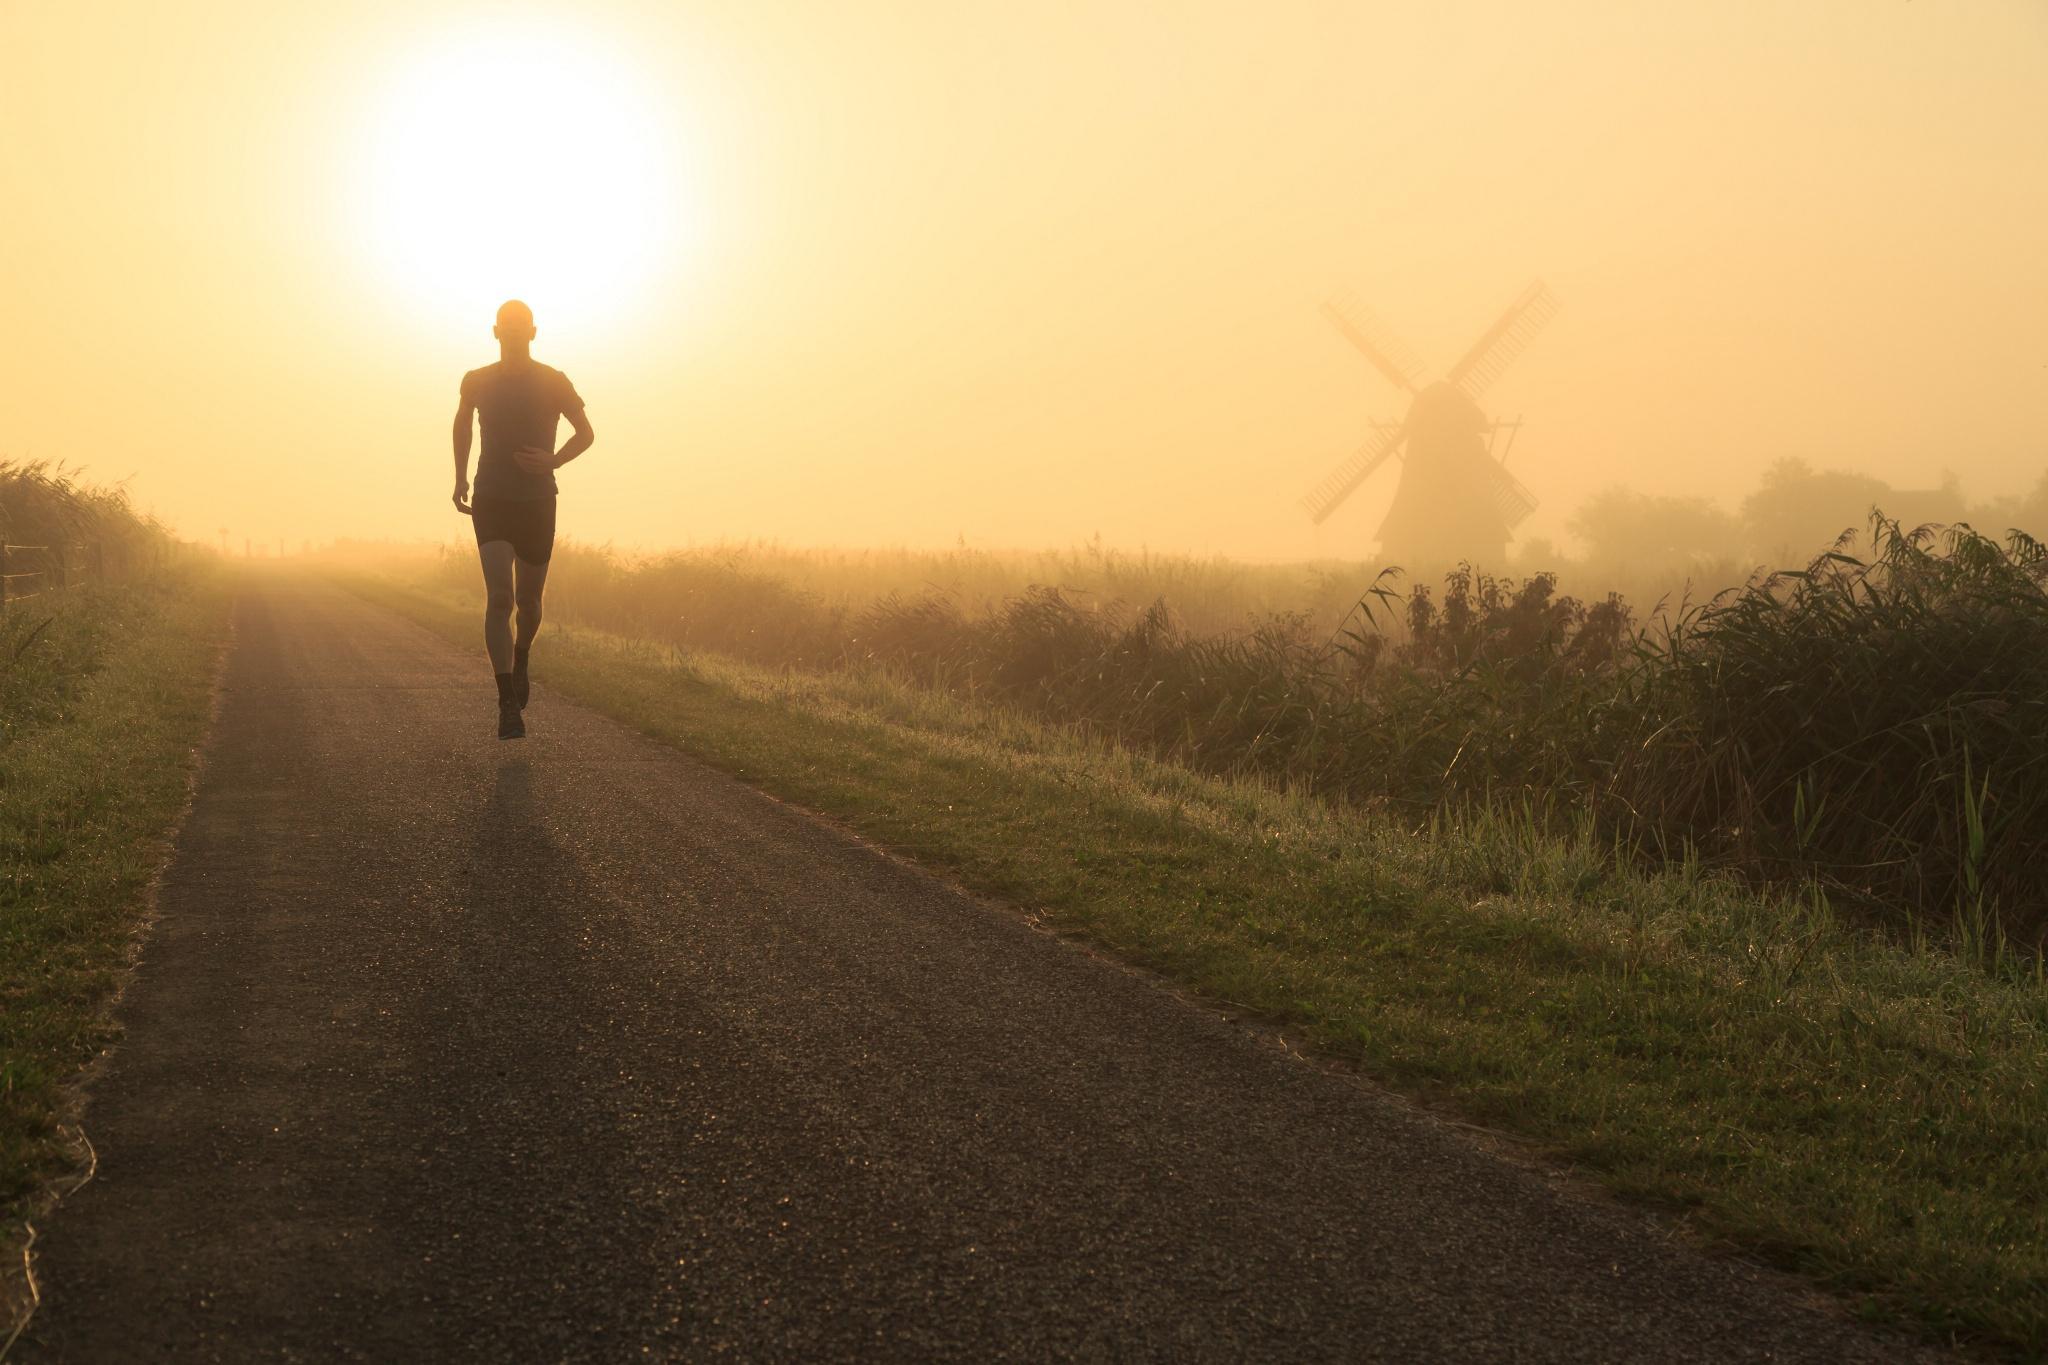 尤其是在吃早饭之前进行锻炼,有效燃烧你脂肪的身体.康宝莱有没有瘦肚子的图片